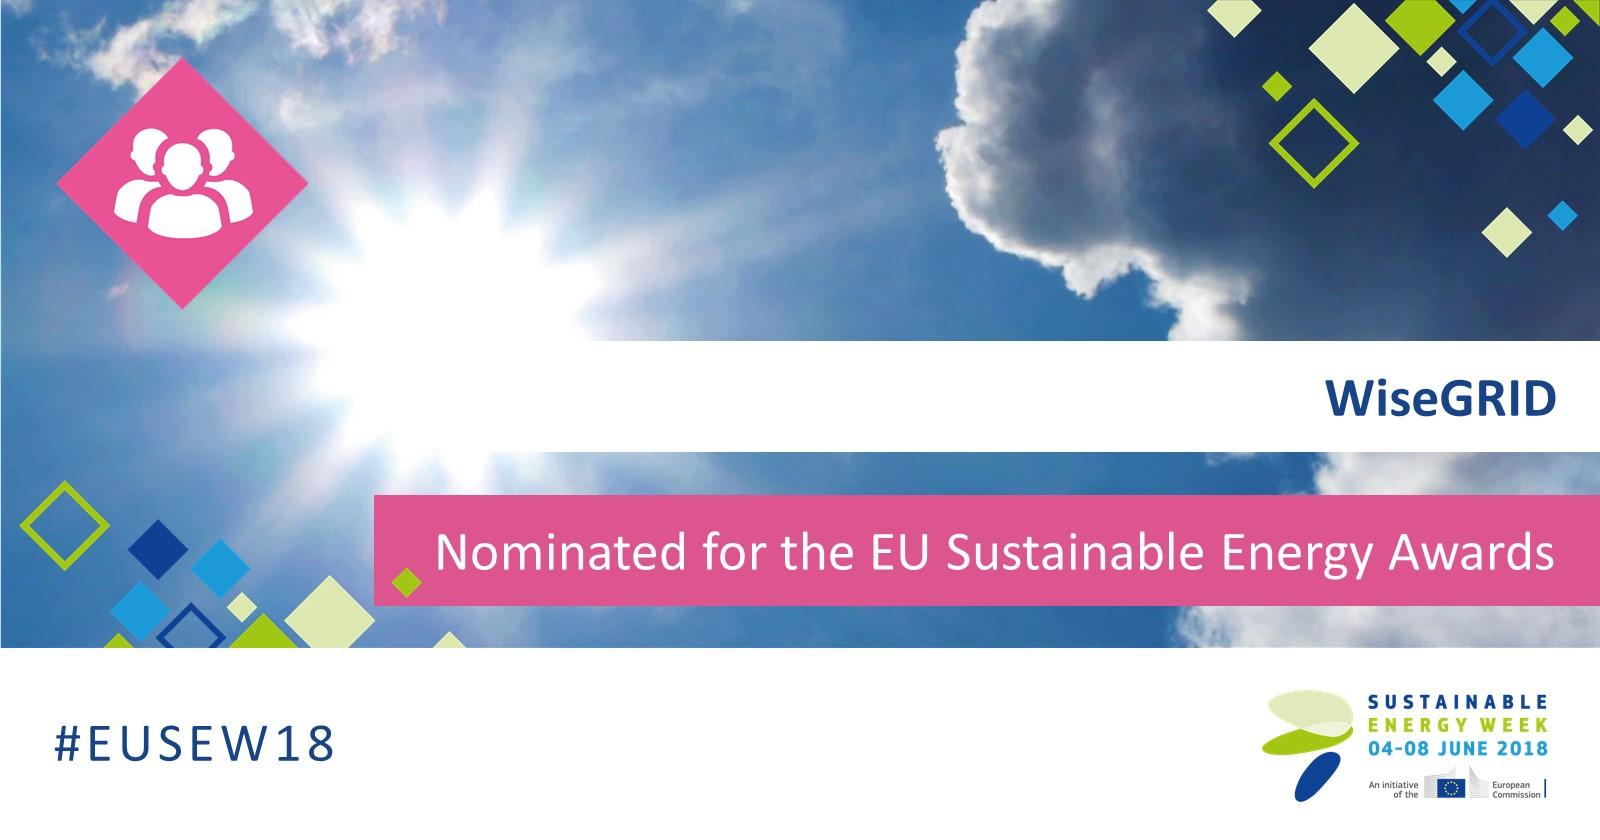 El proyecto WiseGRID, candidato a los Premios de Energía Sostenible de la UE